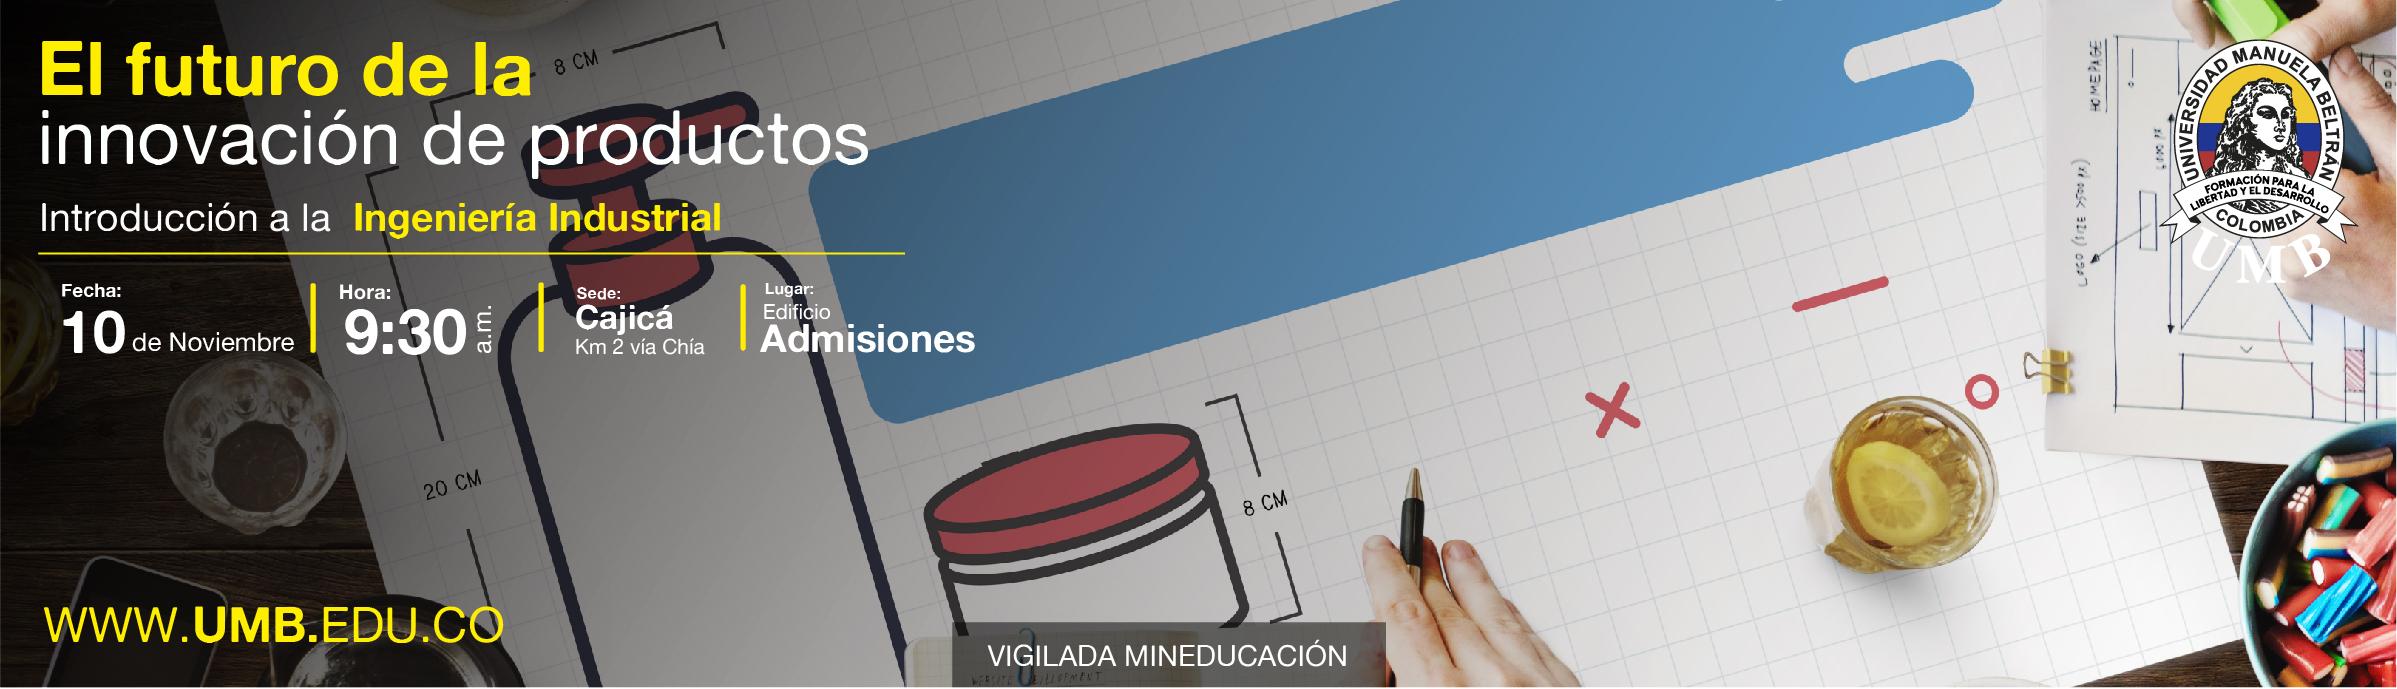 Arte_flayer_cursos_nuevo_noviembre-02